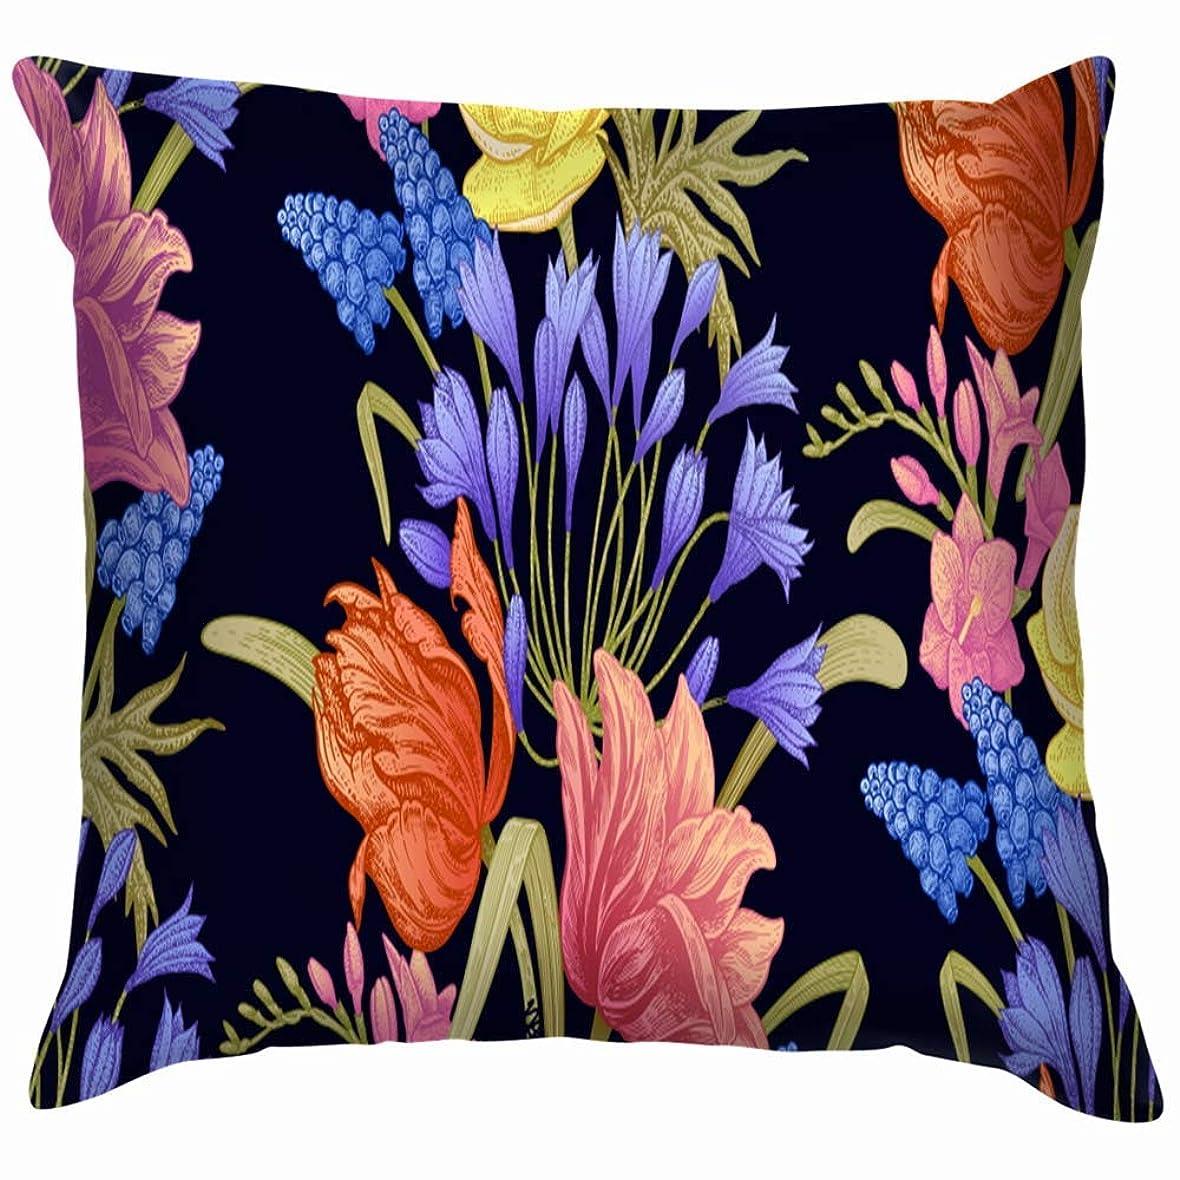 お失敗リーダーシップ春の花花ヴィンテージ自然スロー枕カバーホームソファクッションカバー枕ケースギフト45×45センチ